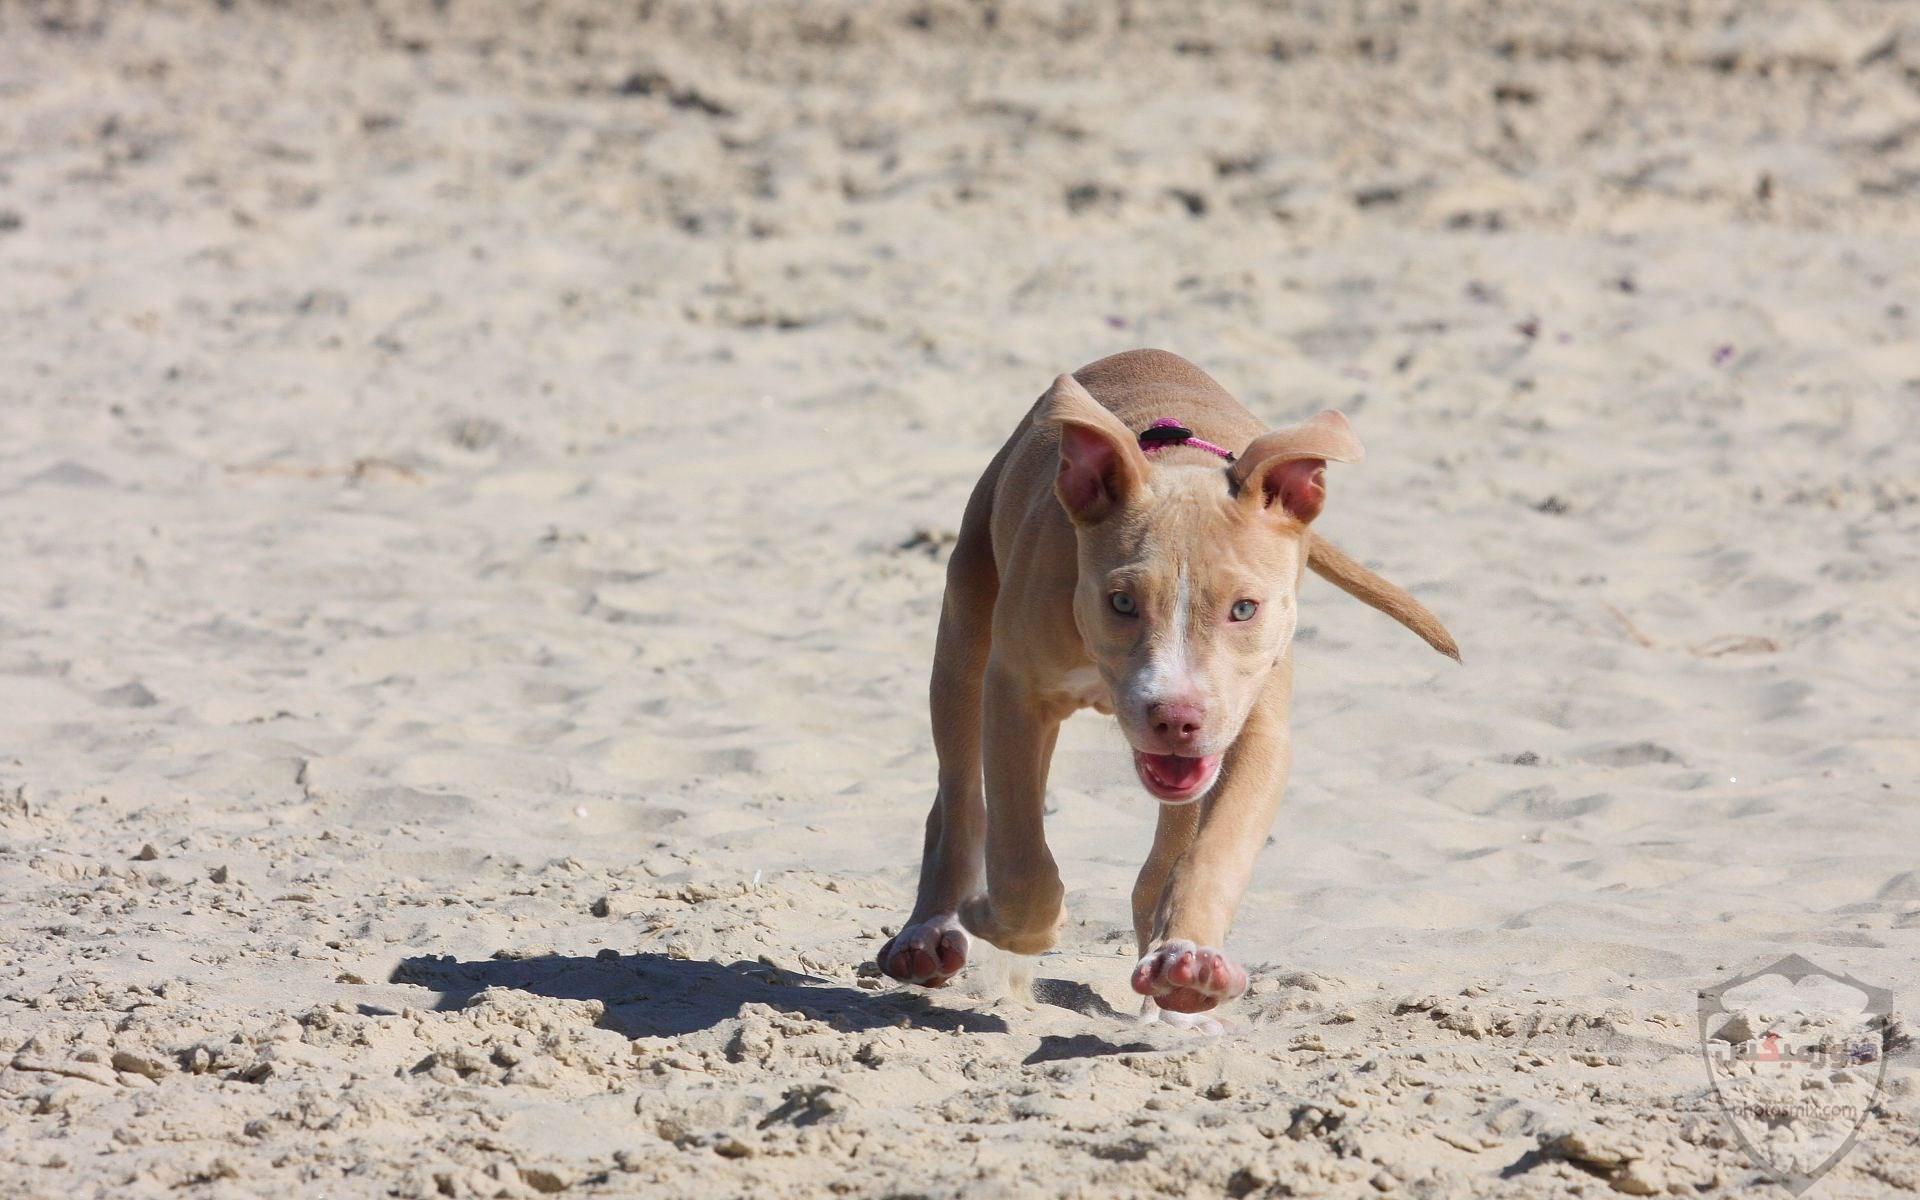 صور رمزيات خلفيات كلاب كيوت صورة كلب كيوت جدا 16